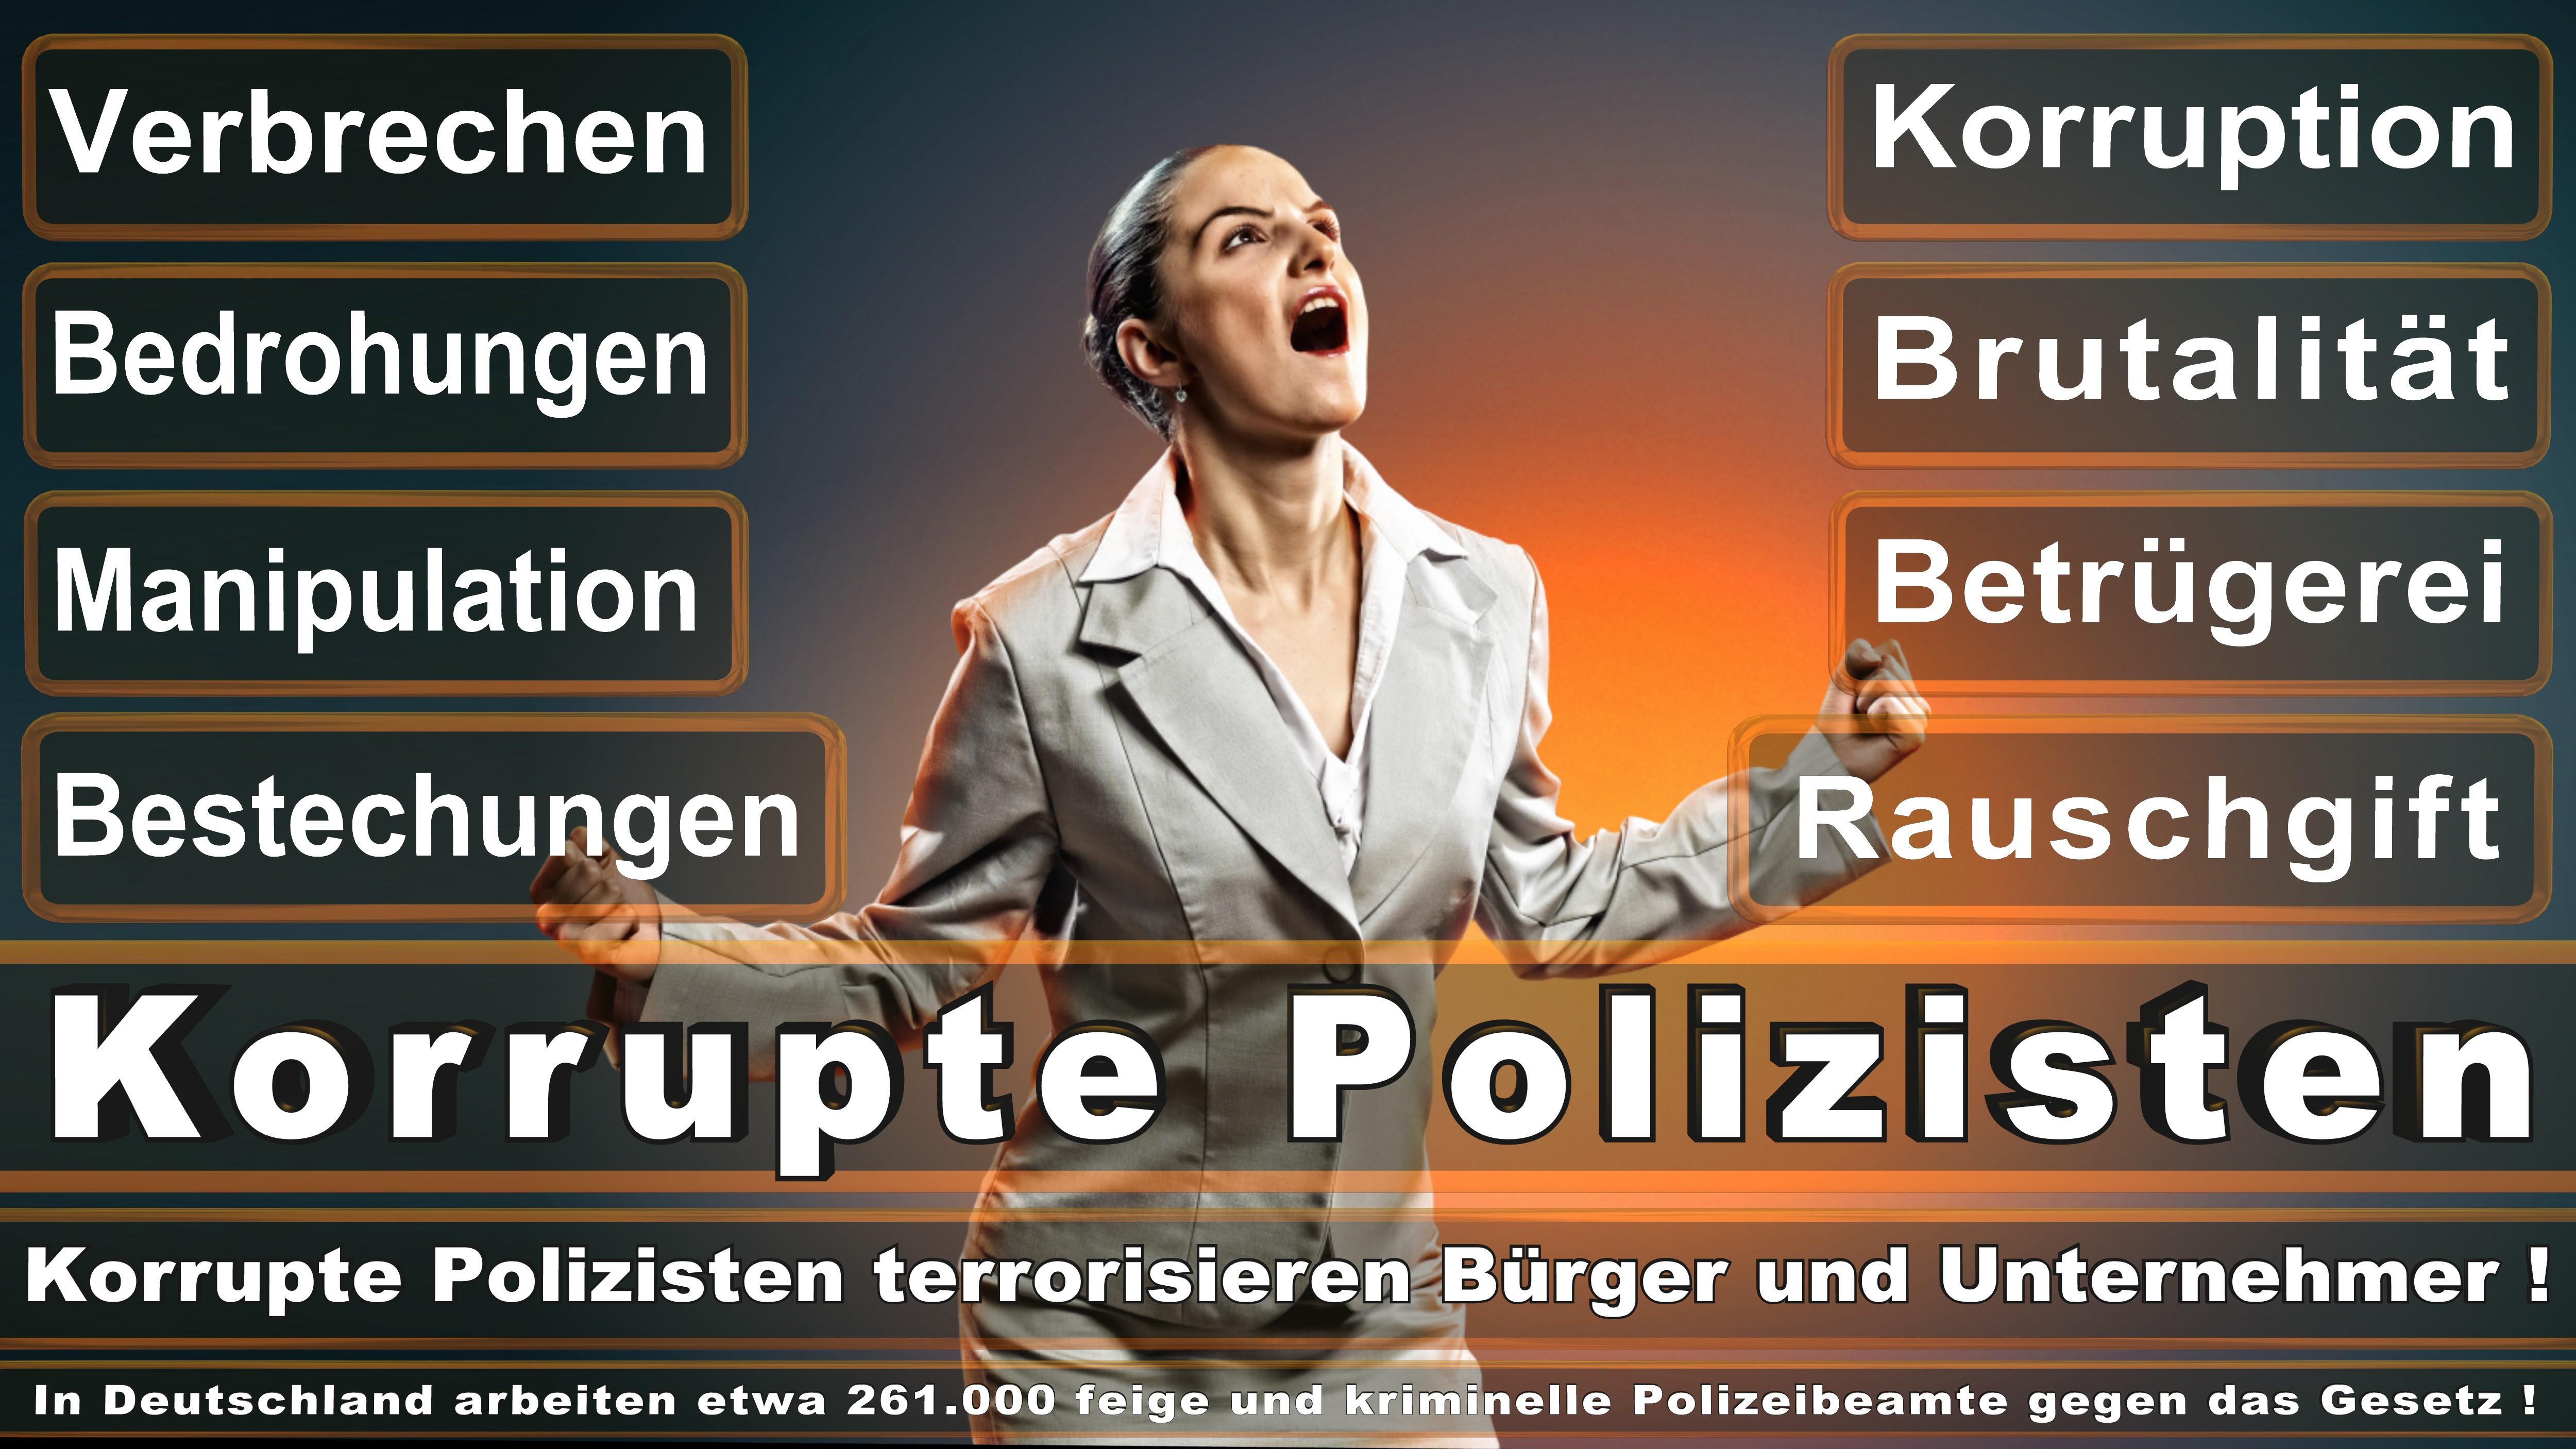 Polizei-Bielefeld (168) Pressemeldungen, Kriminalpolizei, Telefon, Jugendgästehaus, Pressestelle, Kesselbrink, Brackwede, Kurt, Schumacher Str,